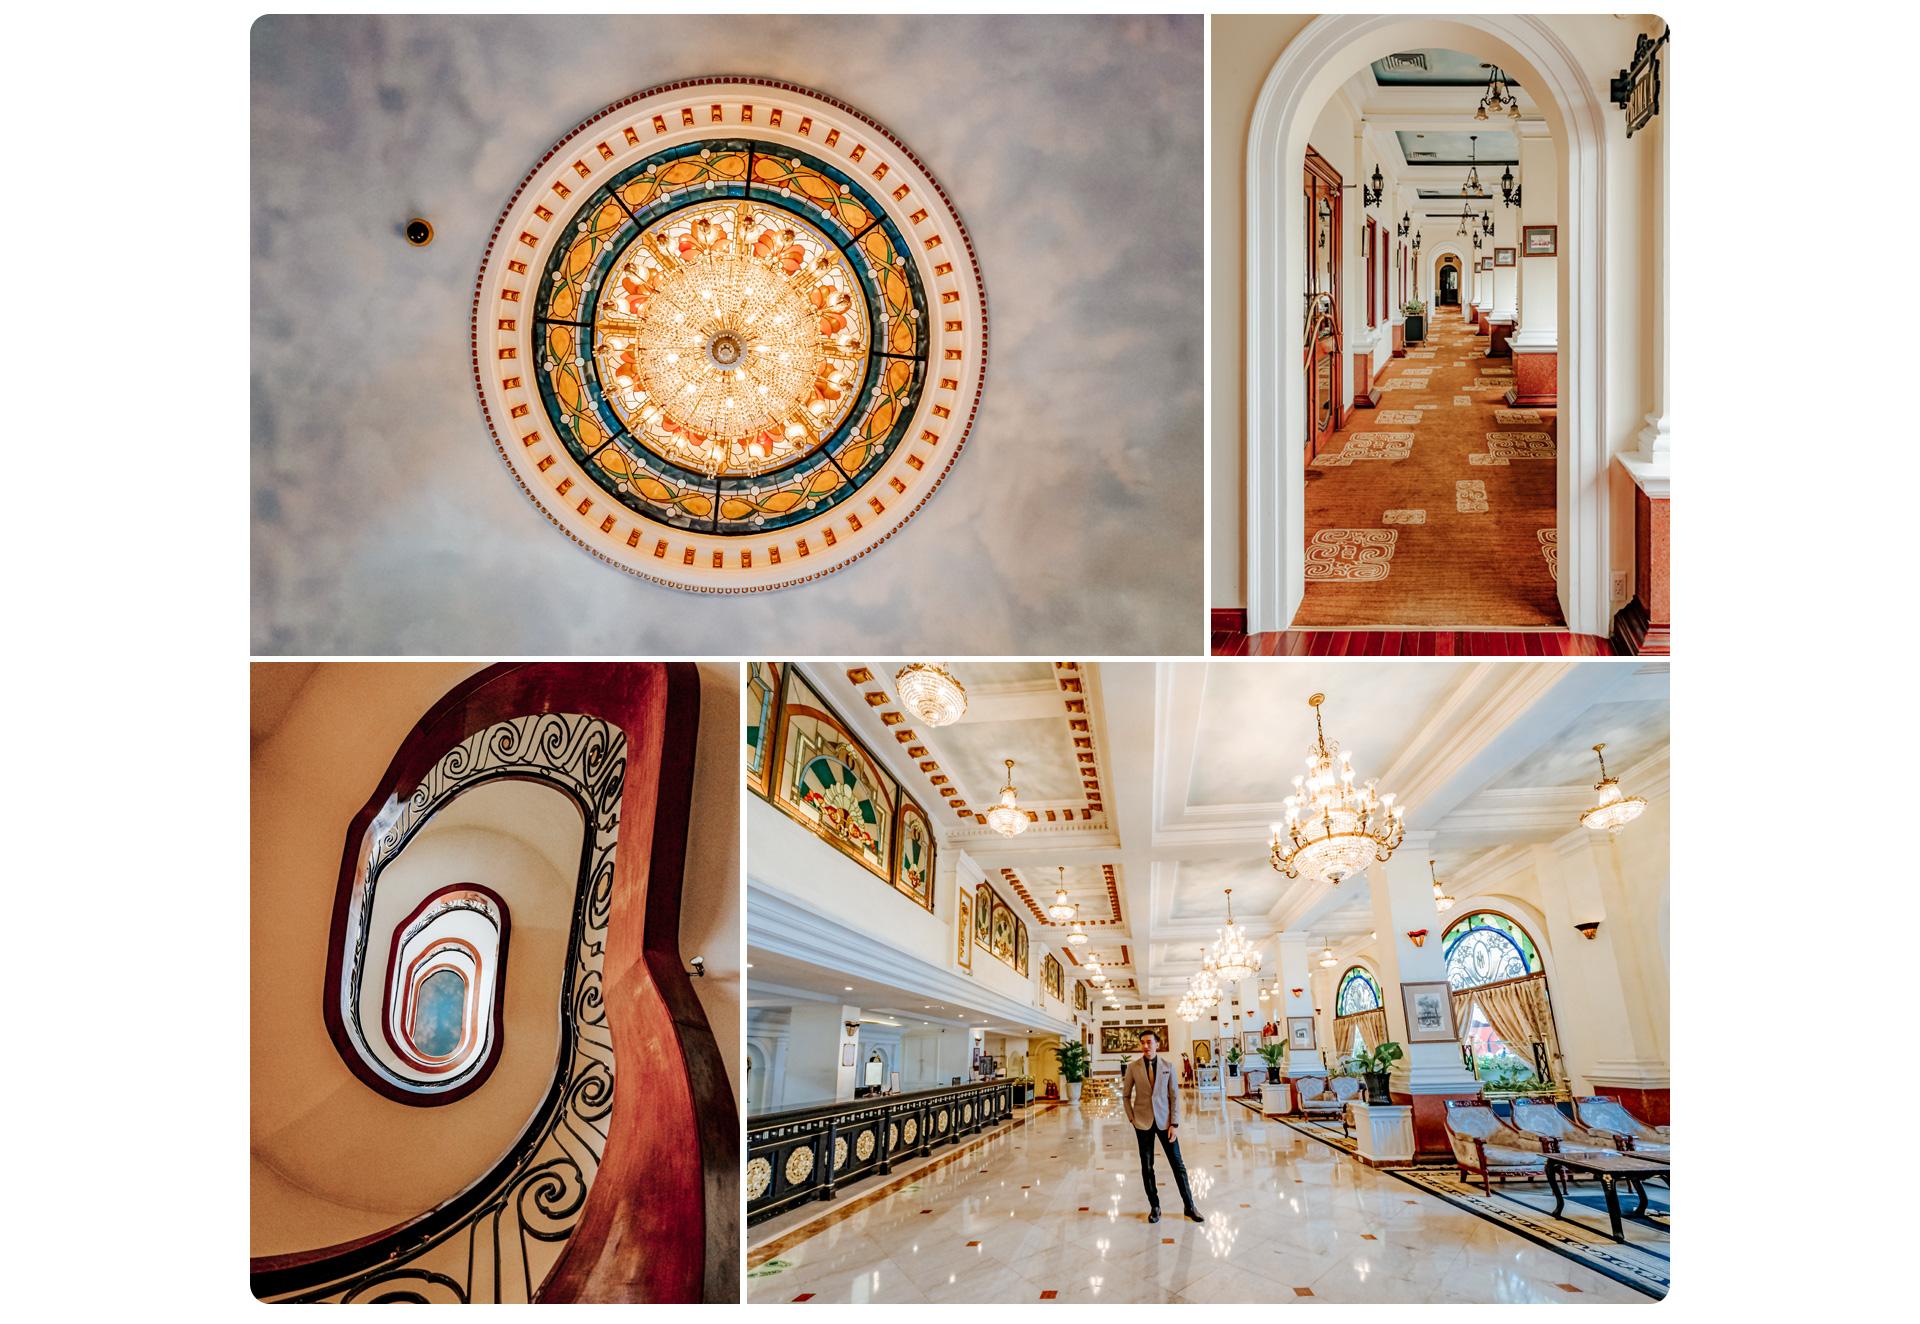 Khách sạn Majestic Sài Gòn: Một biểu tượng tráng lệ do người Việt đầu tư, quản lý - Ảnh 5.